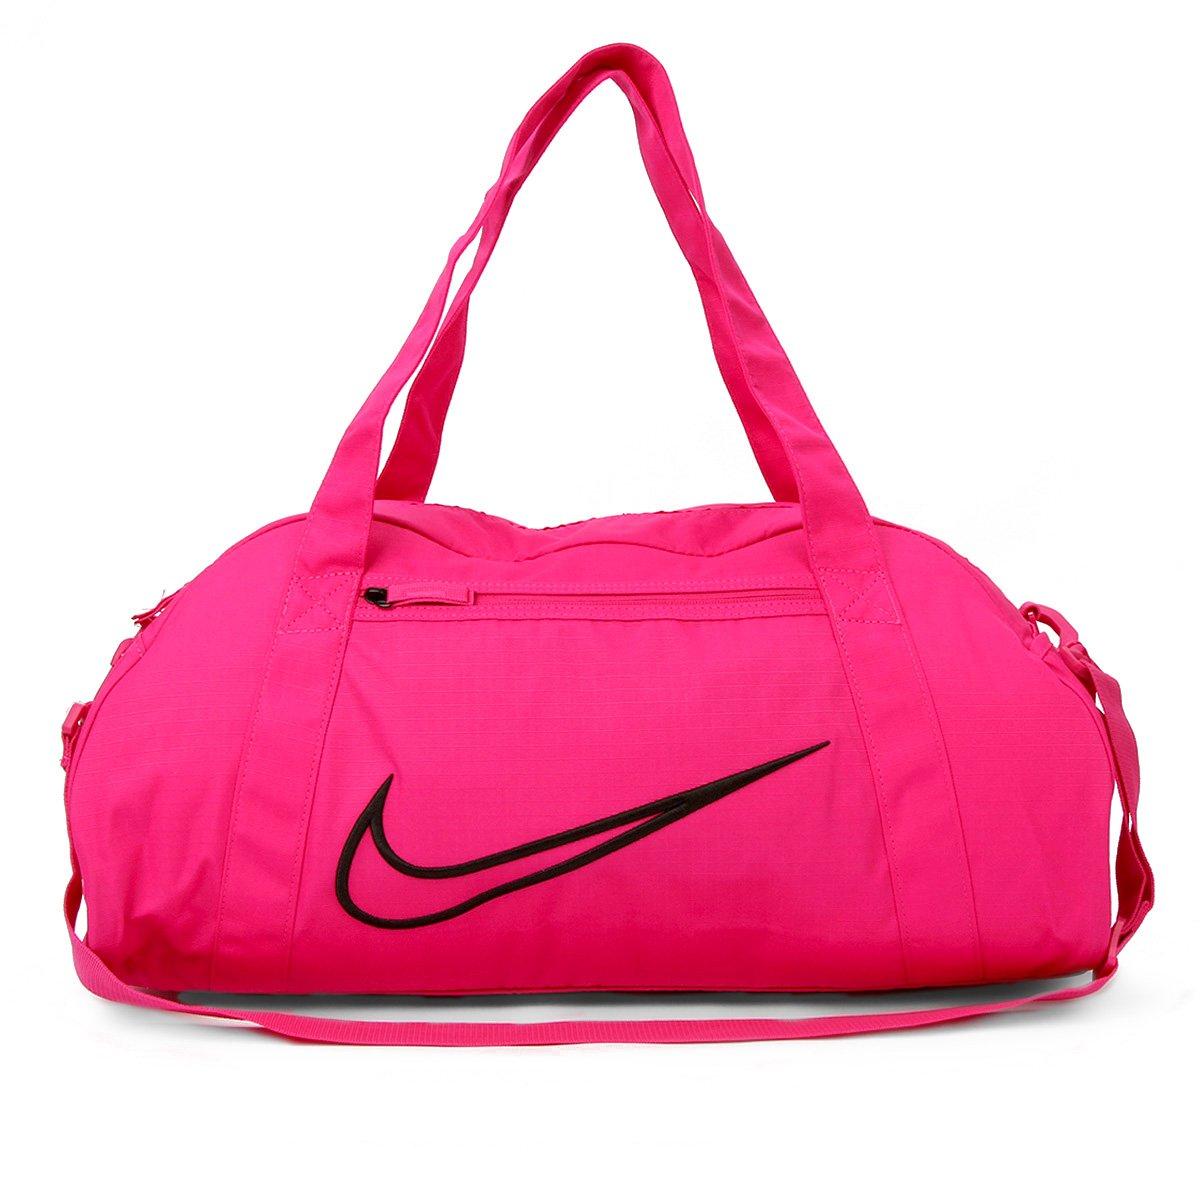 Bolsa Nike Gym Club Feminina 24L - Rosa